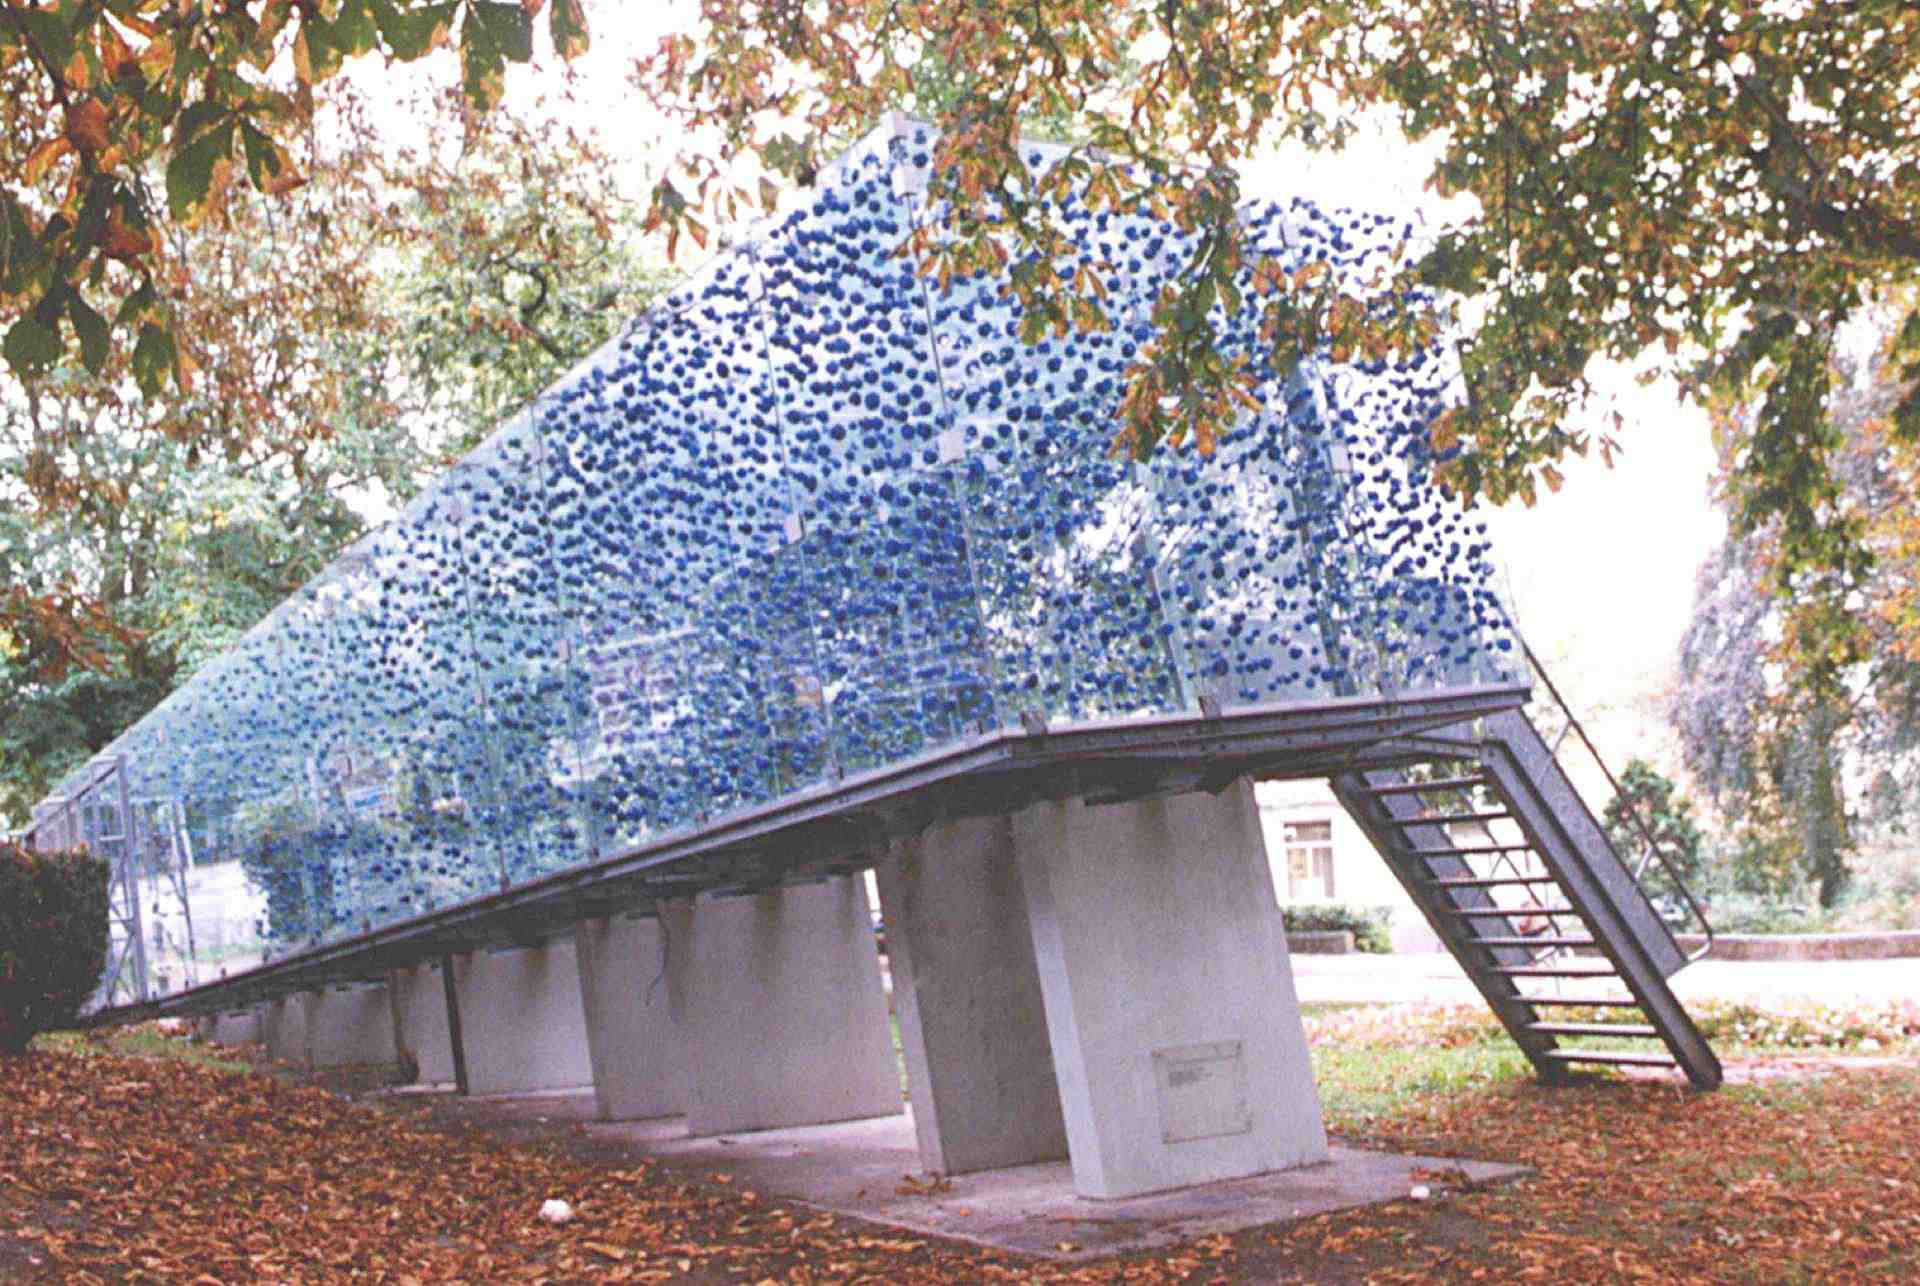 PUFF, Exhibition Tschumi pavilion, Groningen, 1997